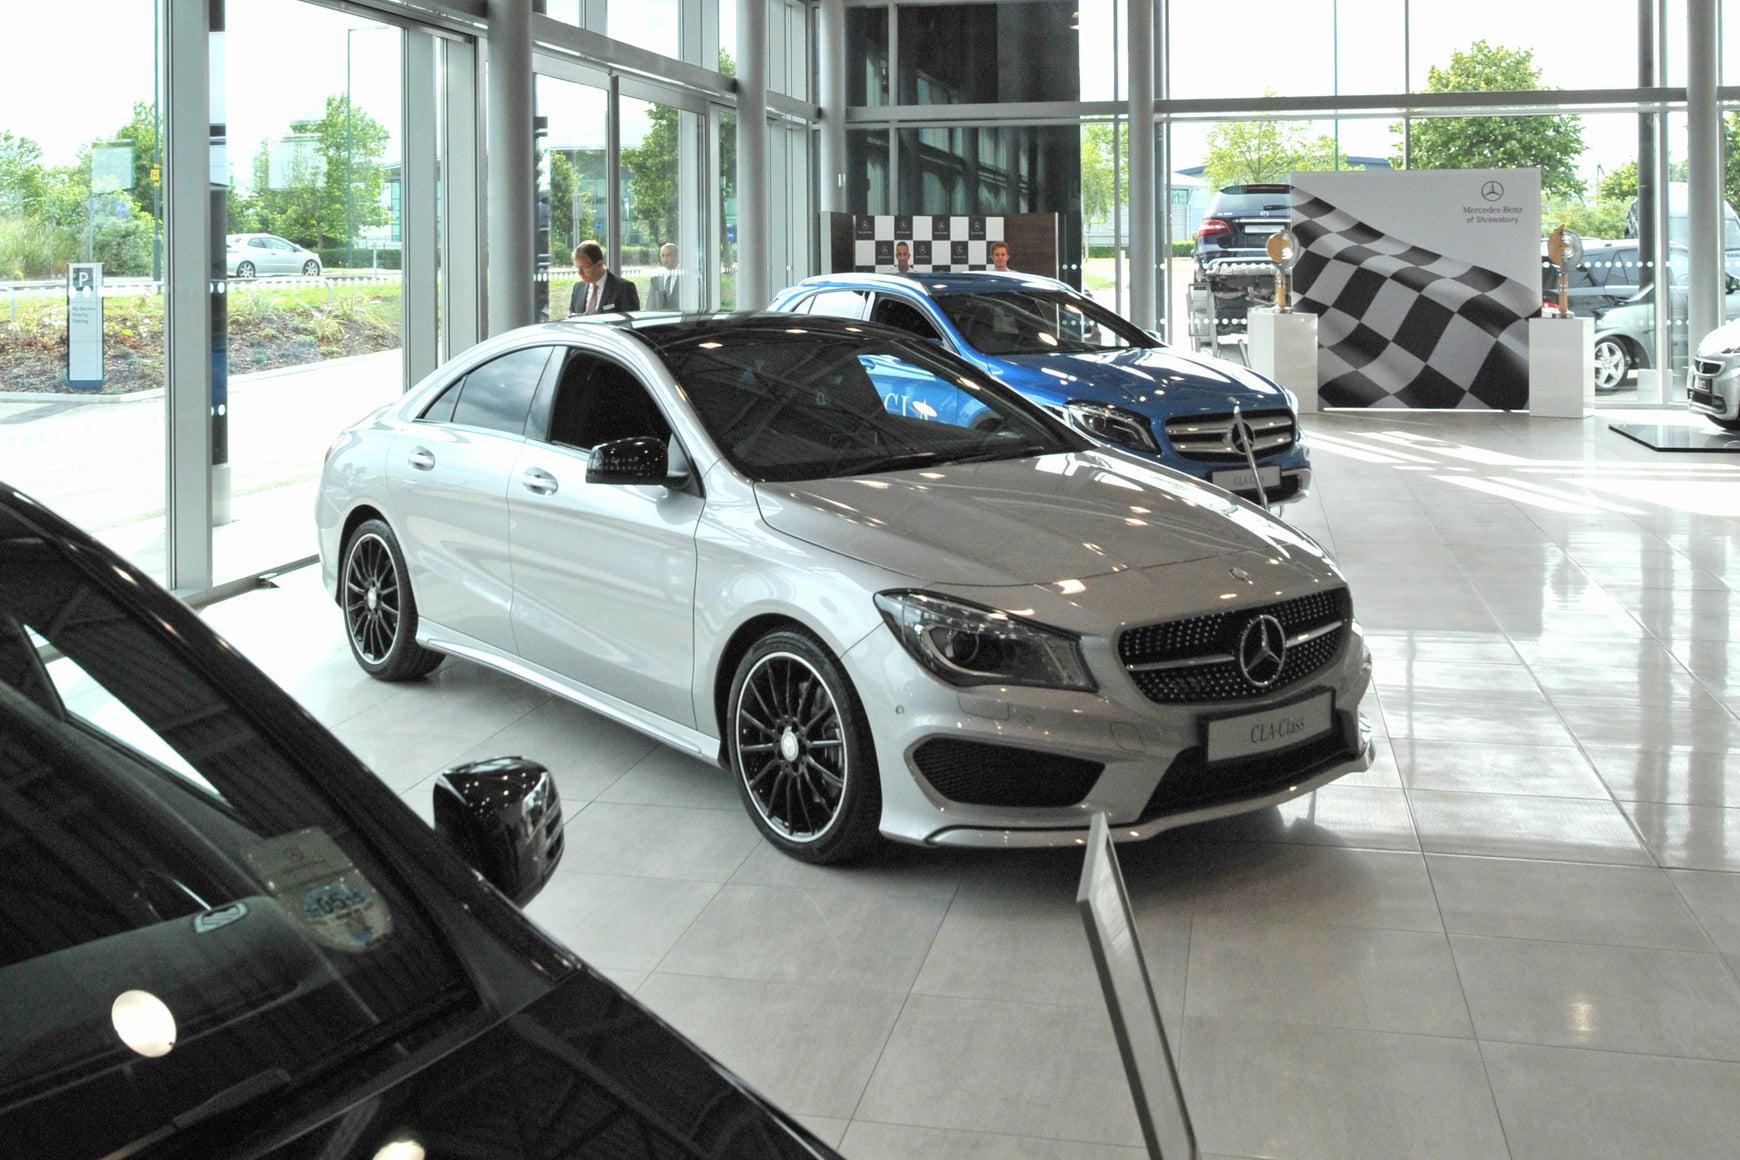 Car showroom reopened in April